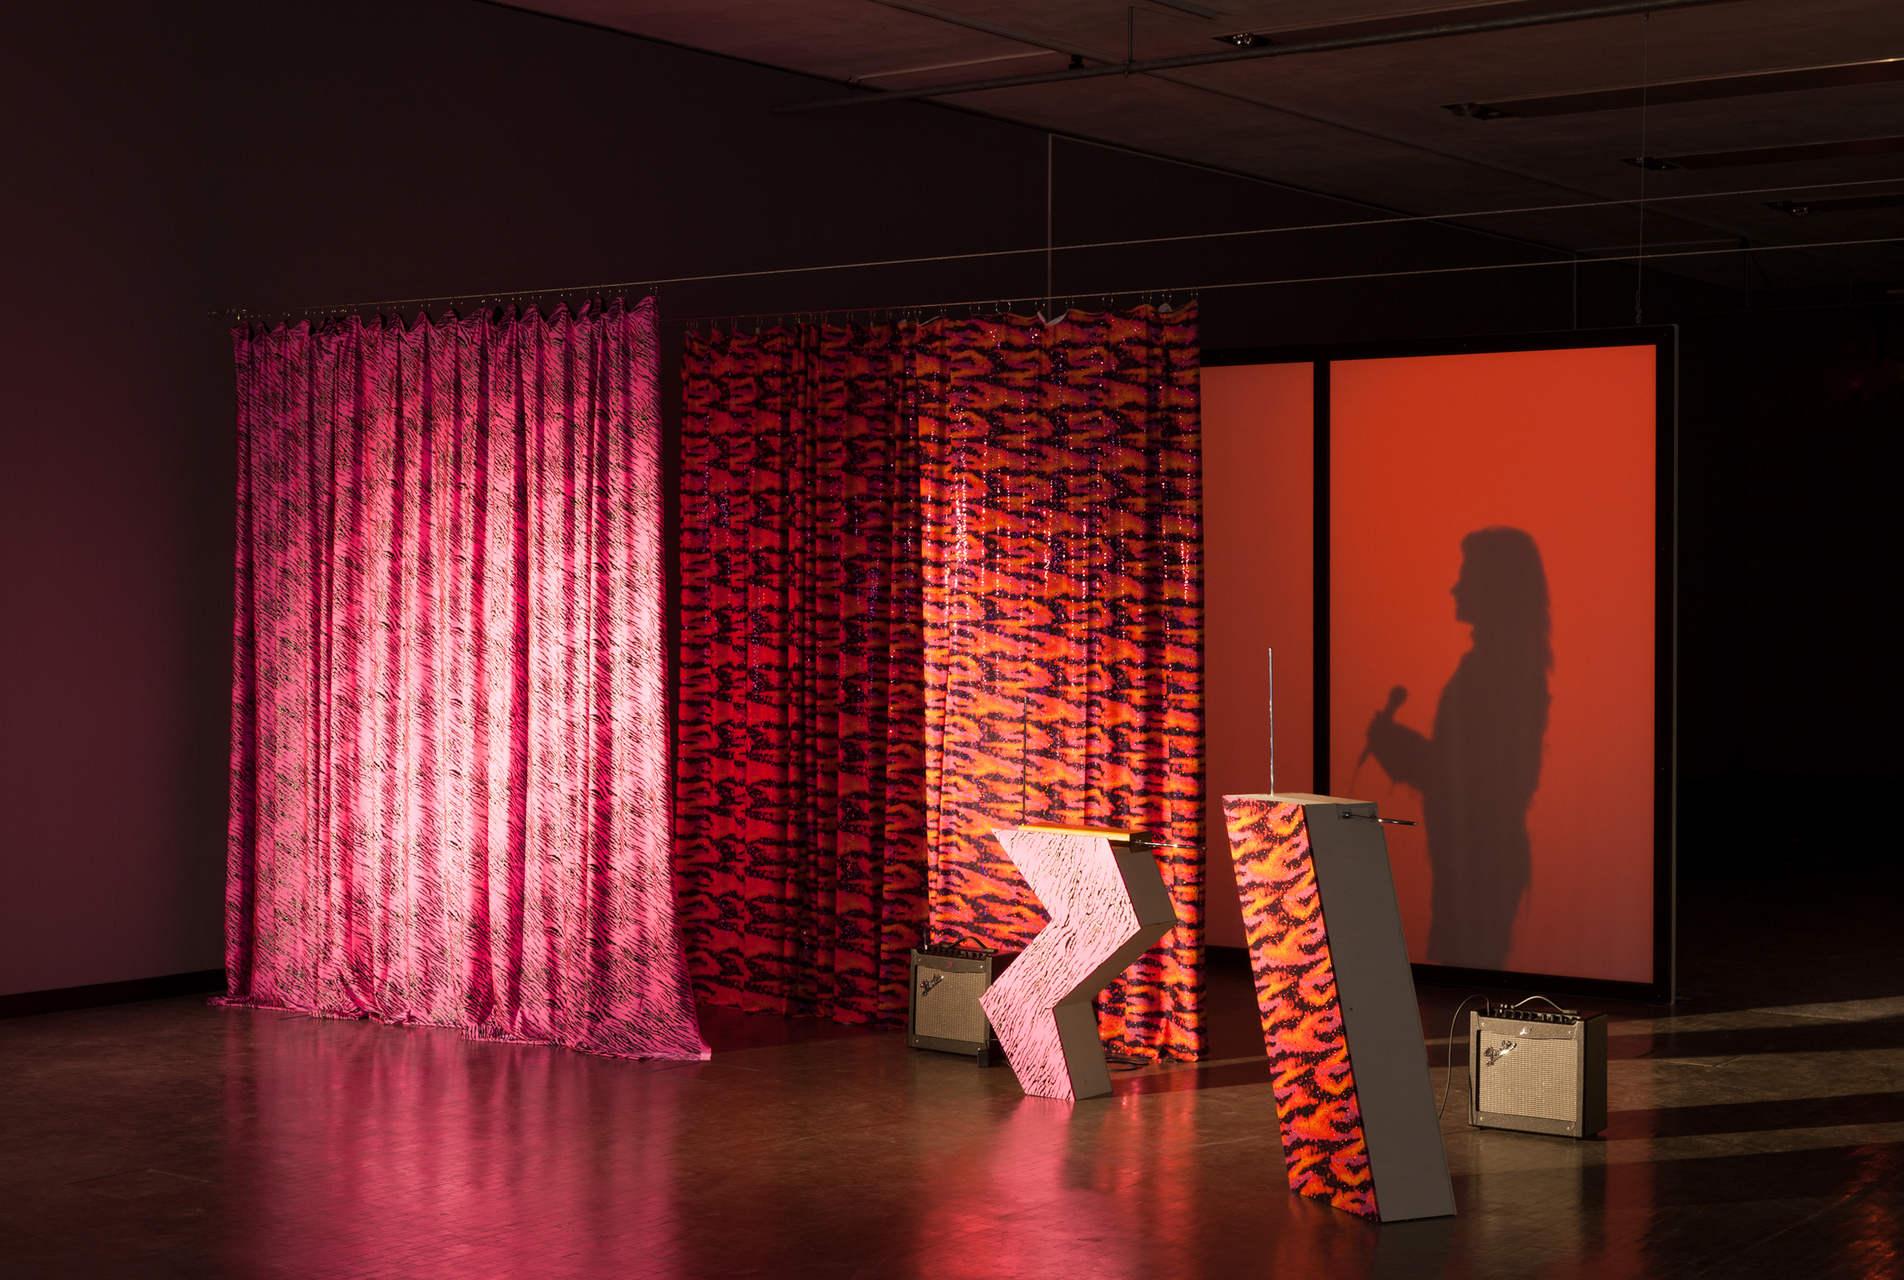 Ausstellungsansicht_LOVING_REPEATING_Kunsthalle_Wien_2015-1